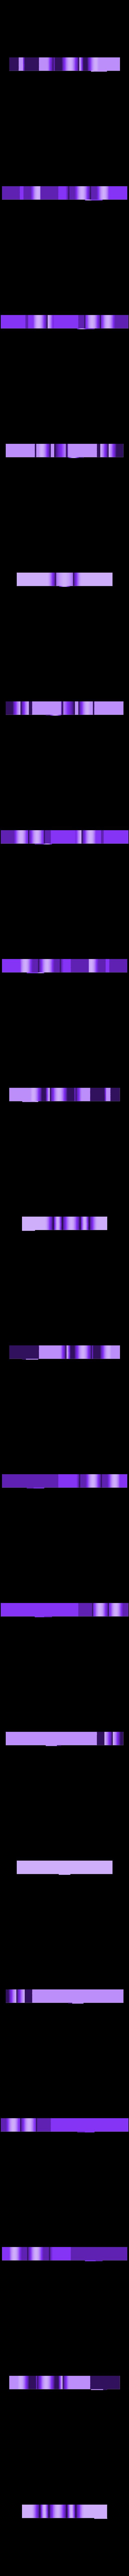 ok (9).stl Télécharger fichier STL gratuit pistolet fonctionnel gun • Objet pour imprimante 3D, jolafrite342